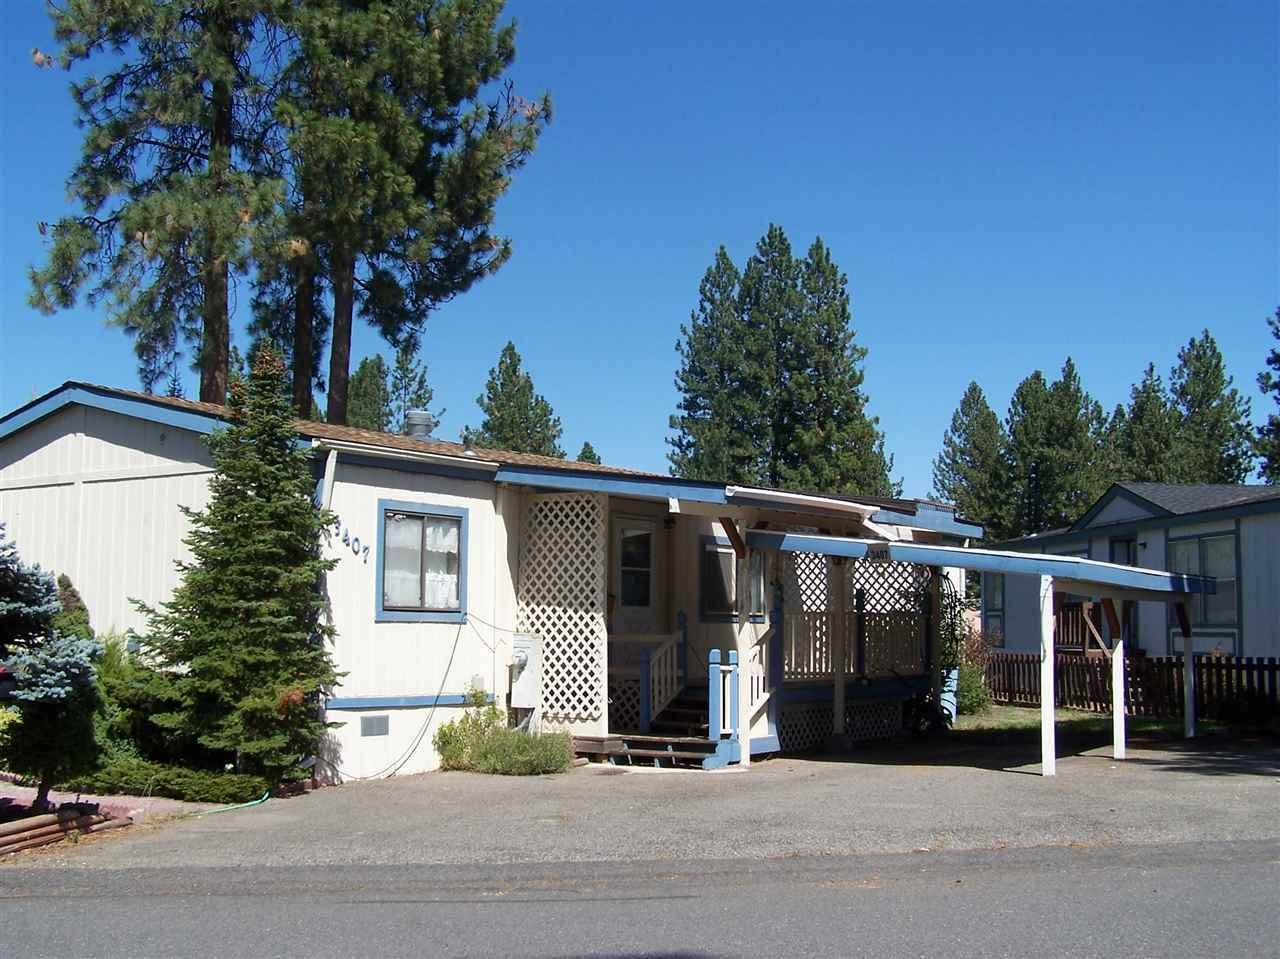 3407 E Yankee, Mead, WA - USA (photo 1)